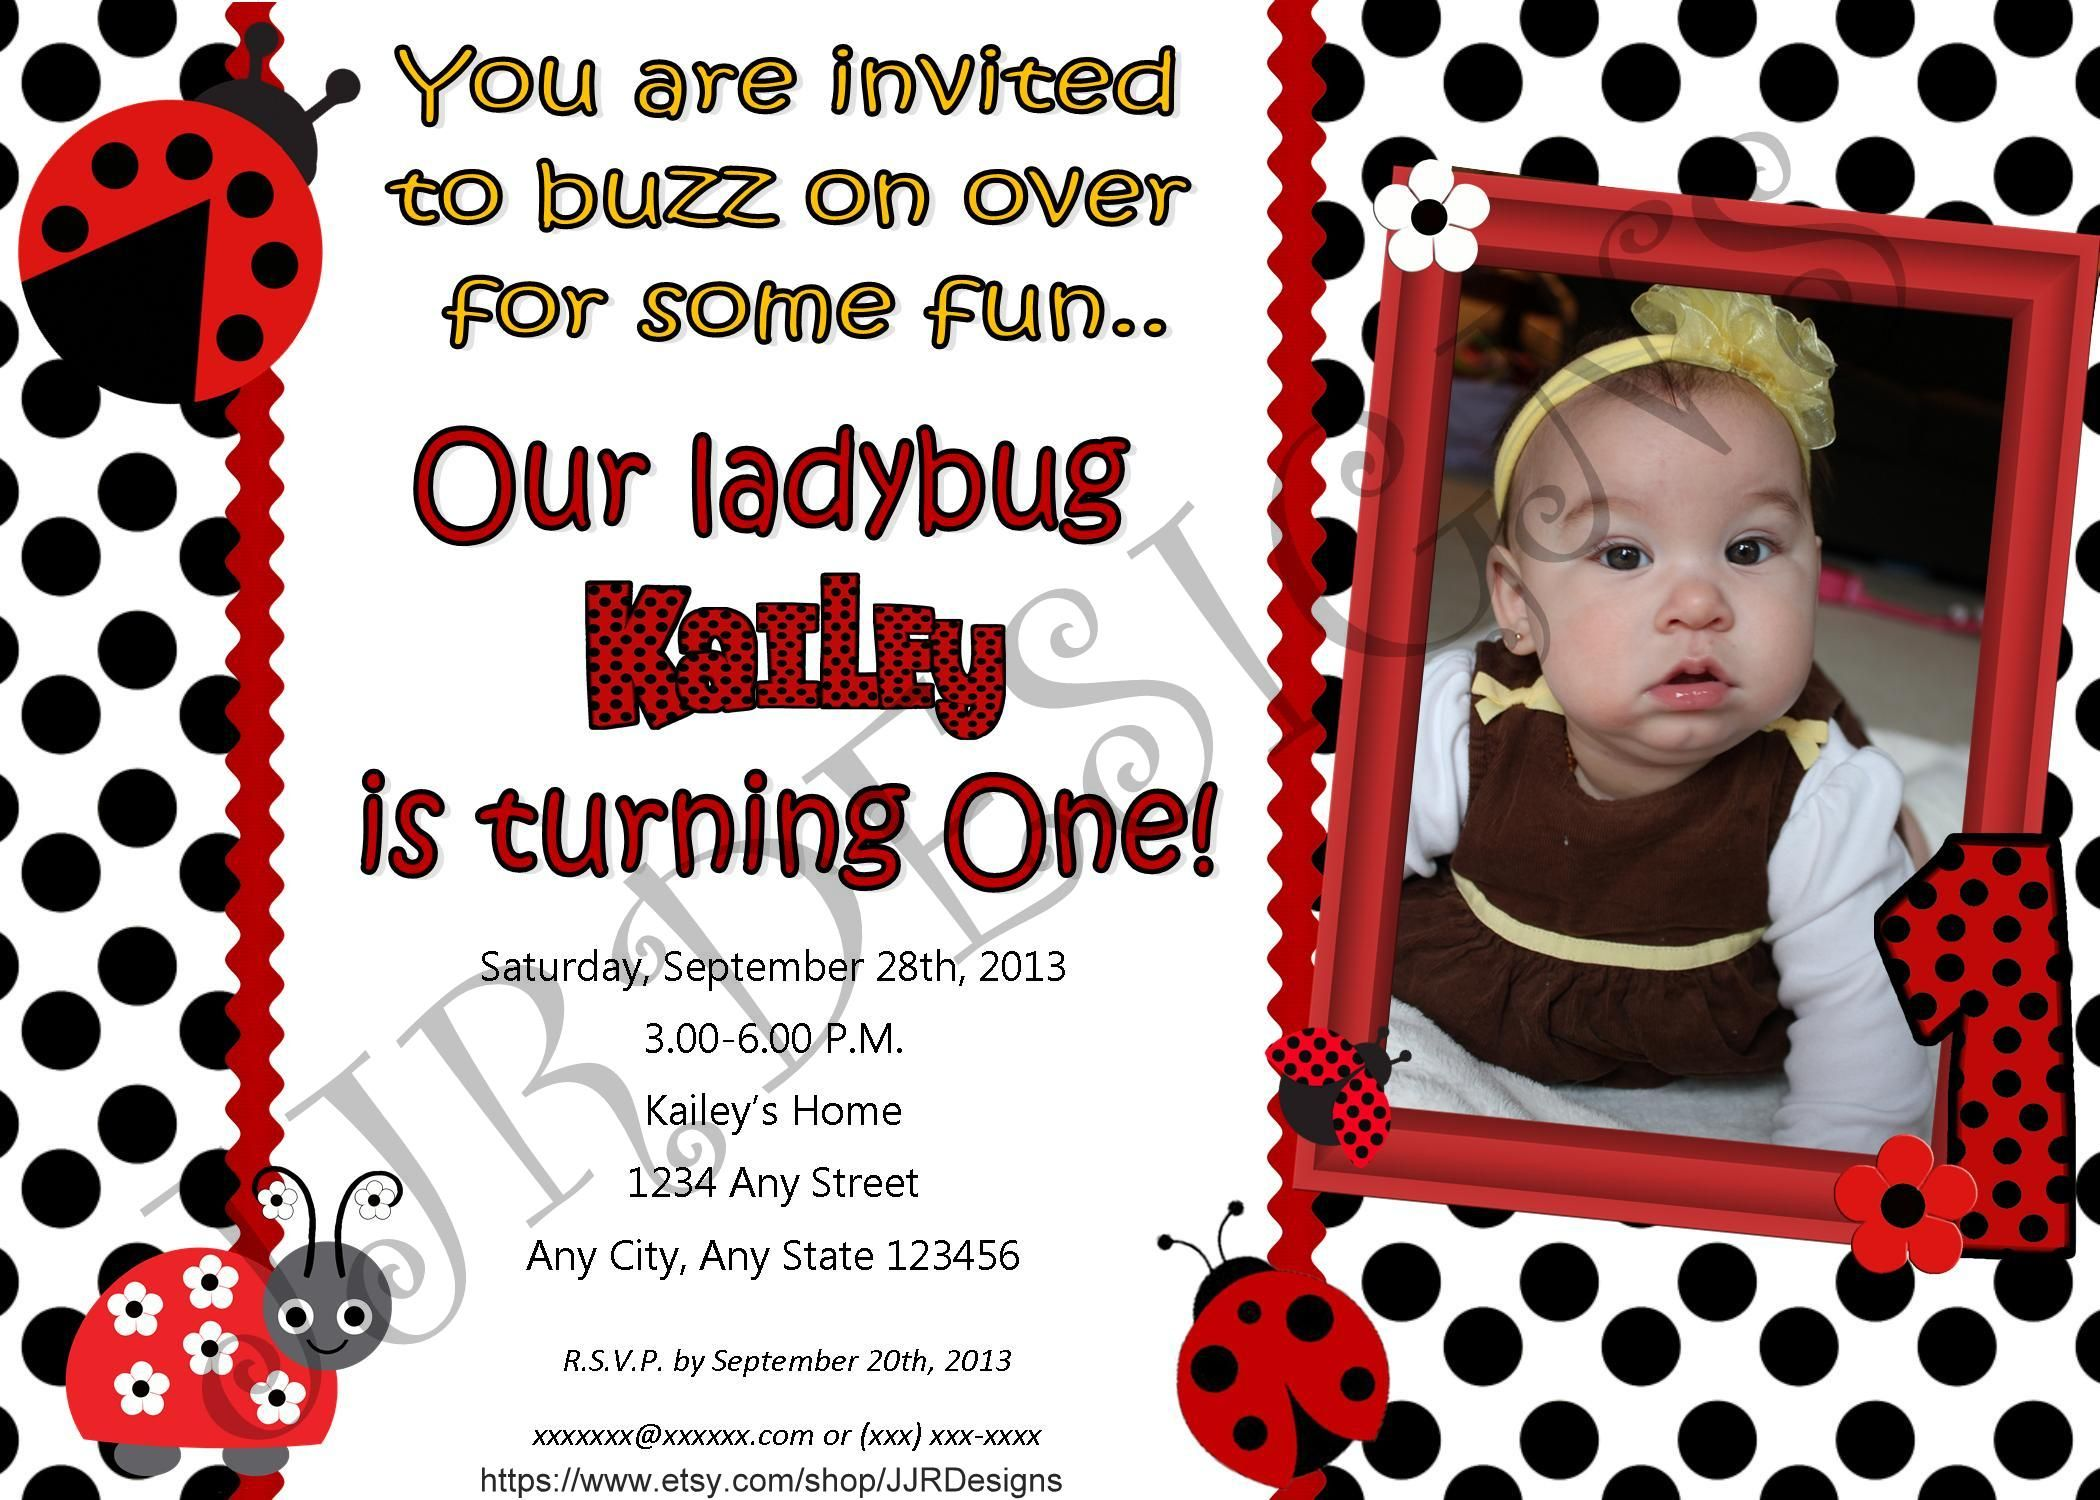 Ladybug Party Invitation | Lady Bug | Pinterest | Ladybird, Party ...